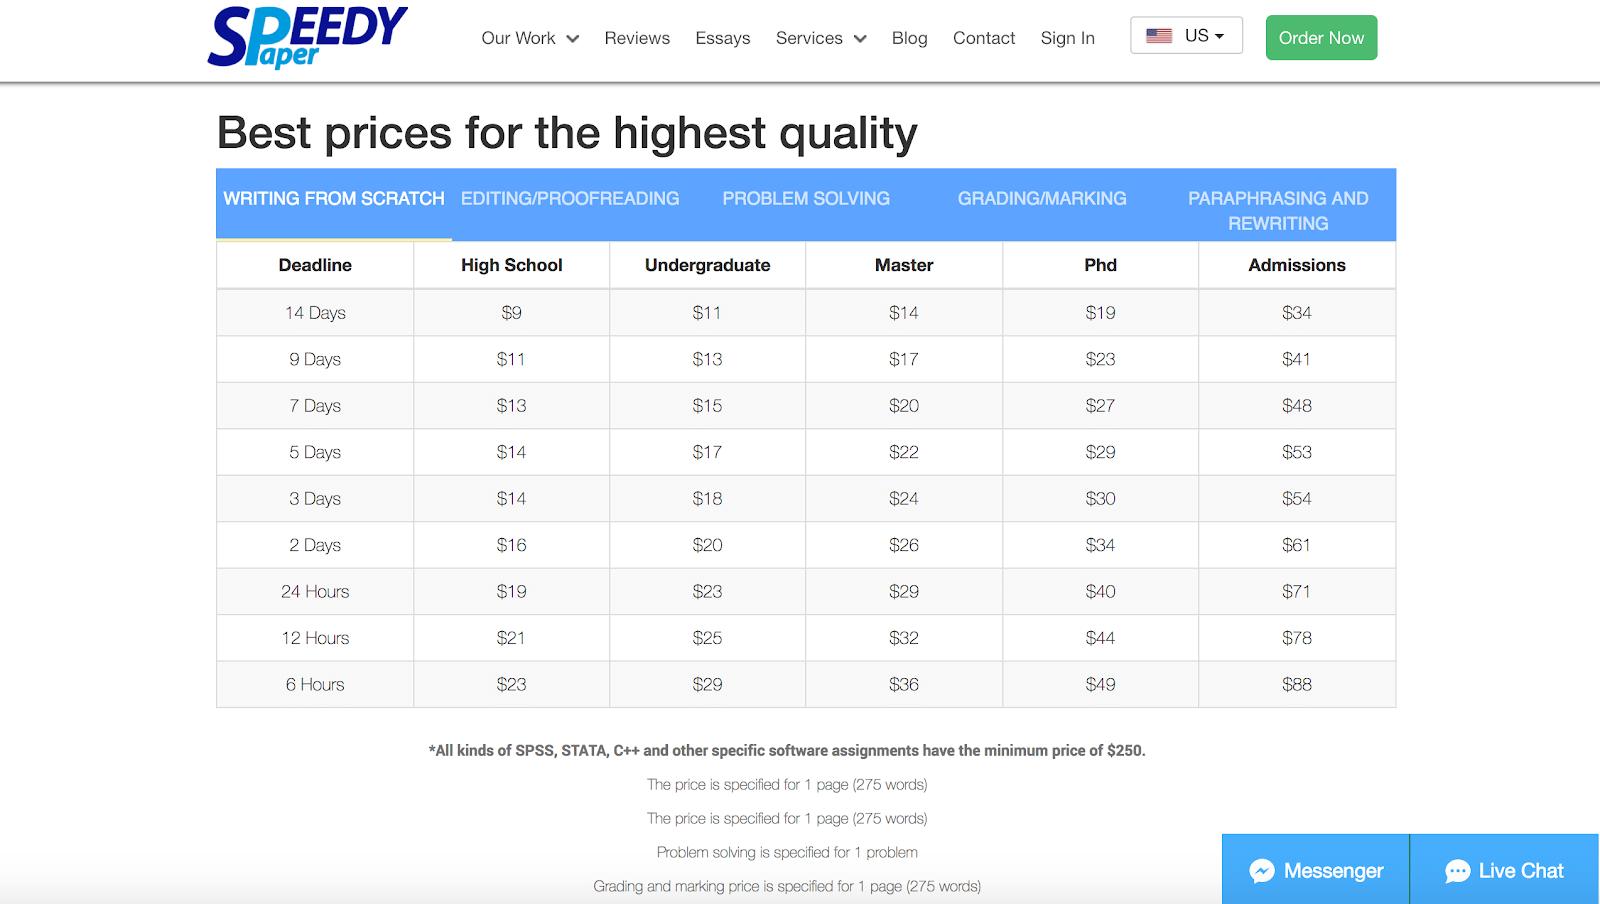 Speedypaper prices